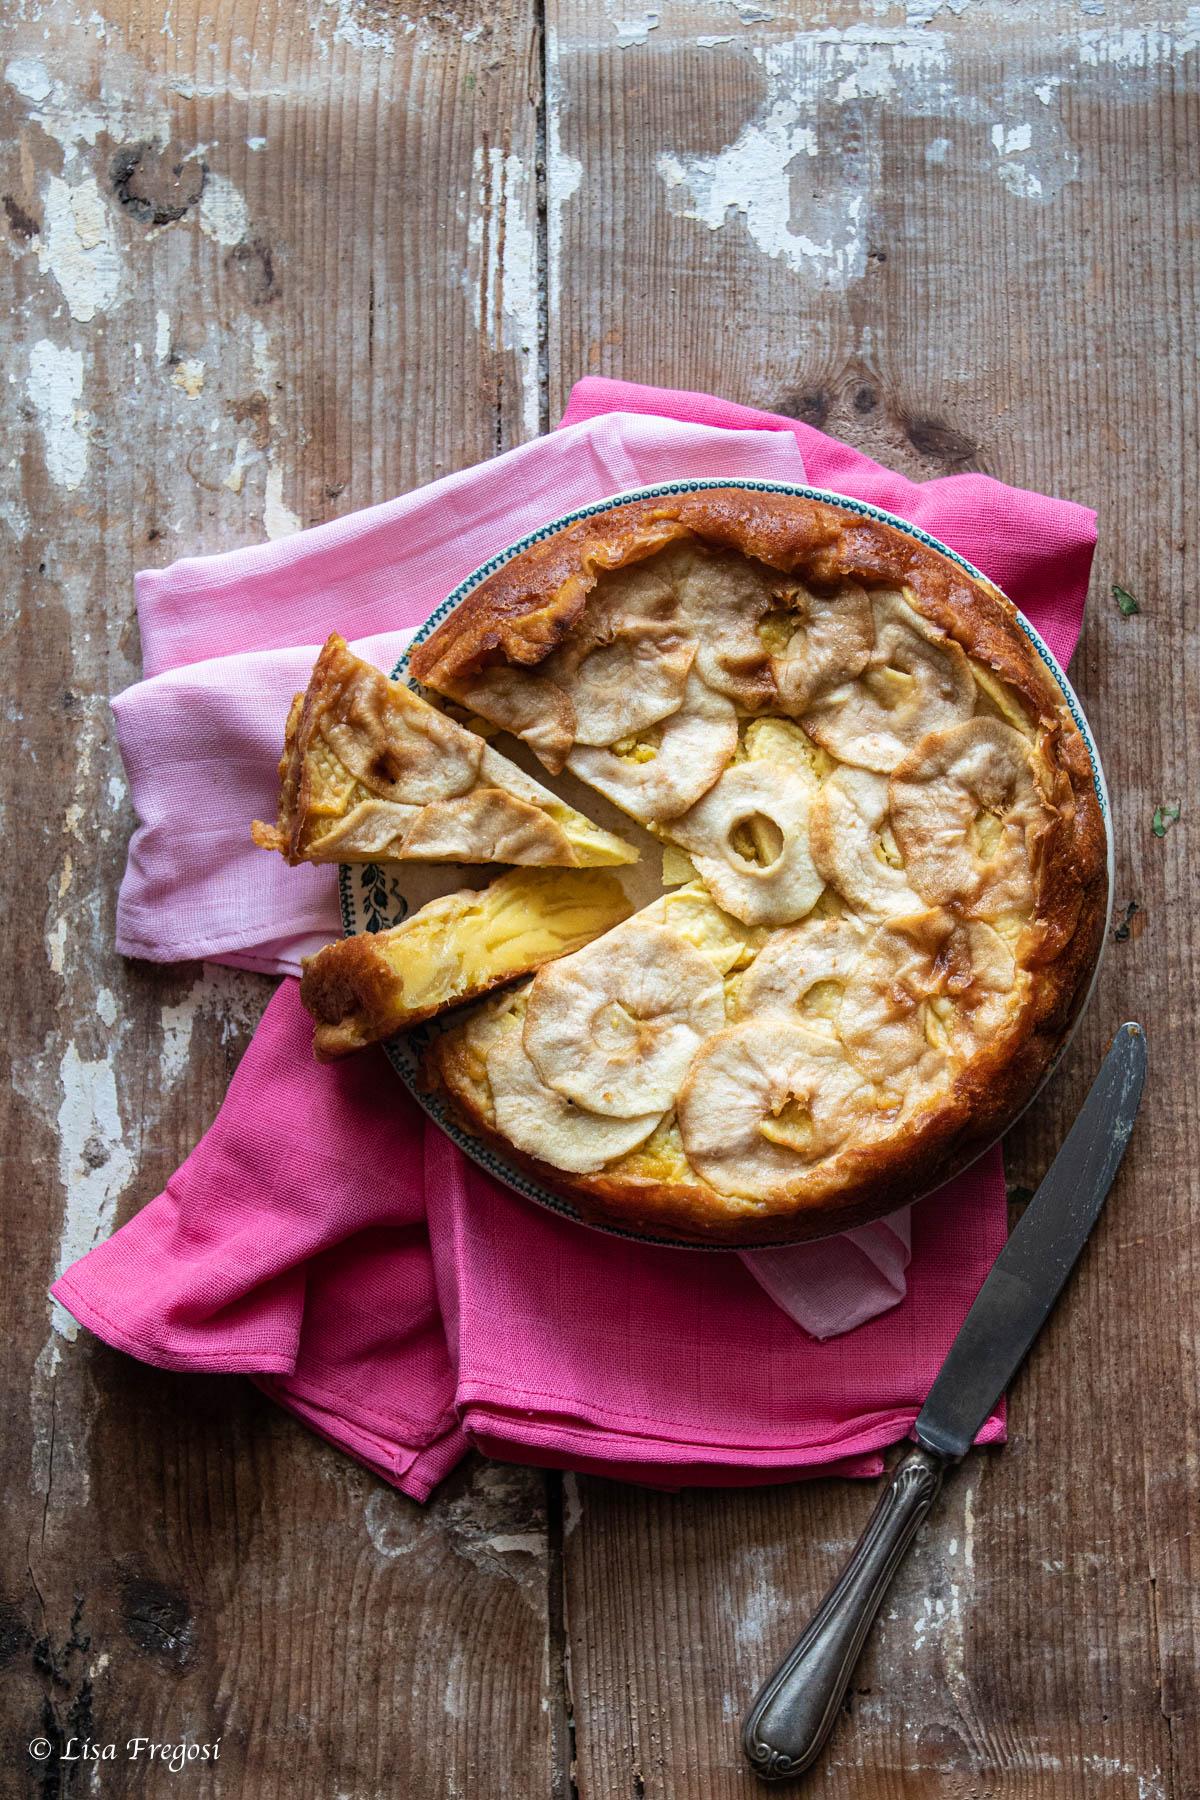 torta di mele come conservarla torta di mele soffice torta di mele ricetta torta di mele cremosa la torta di mele